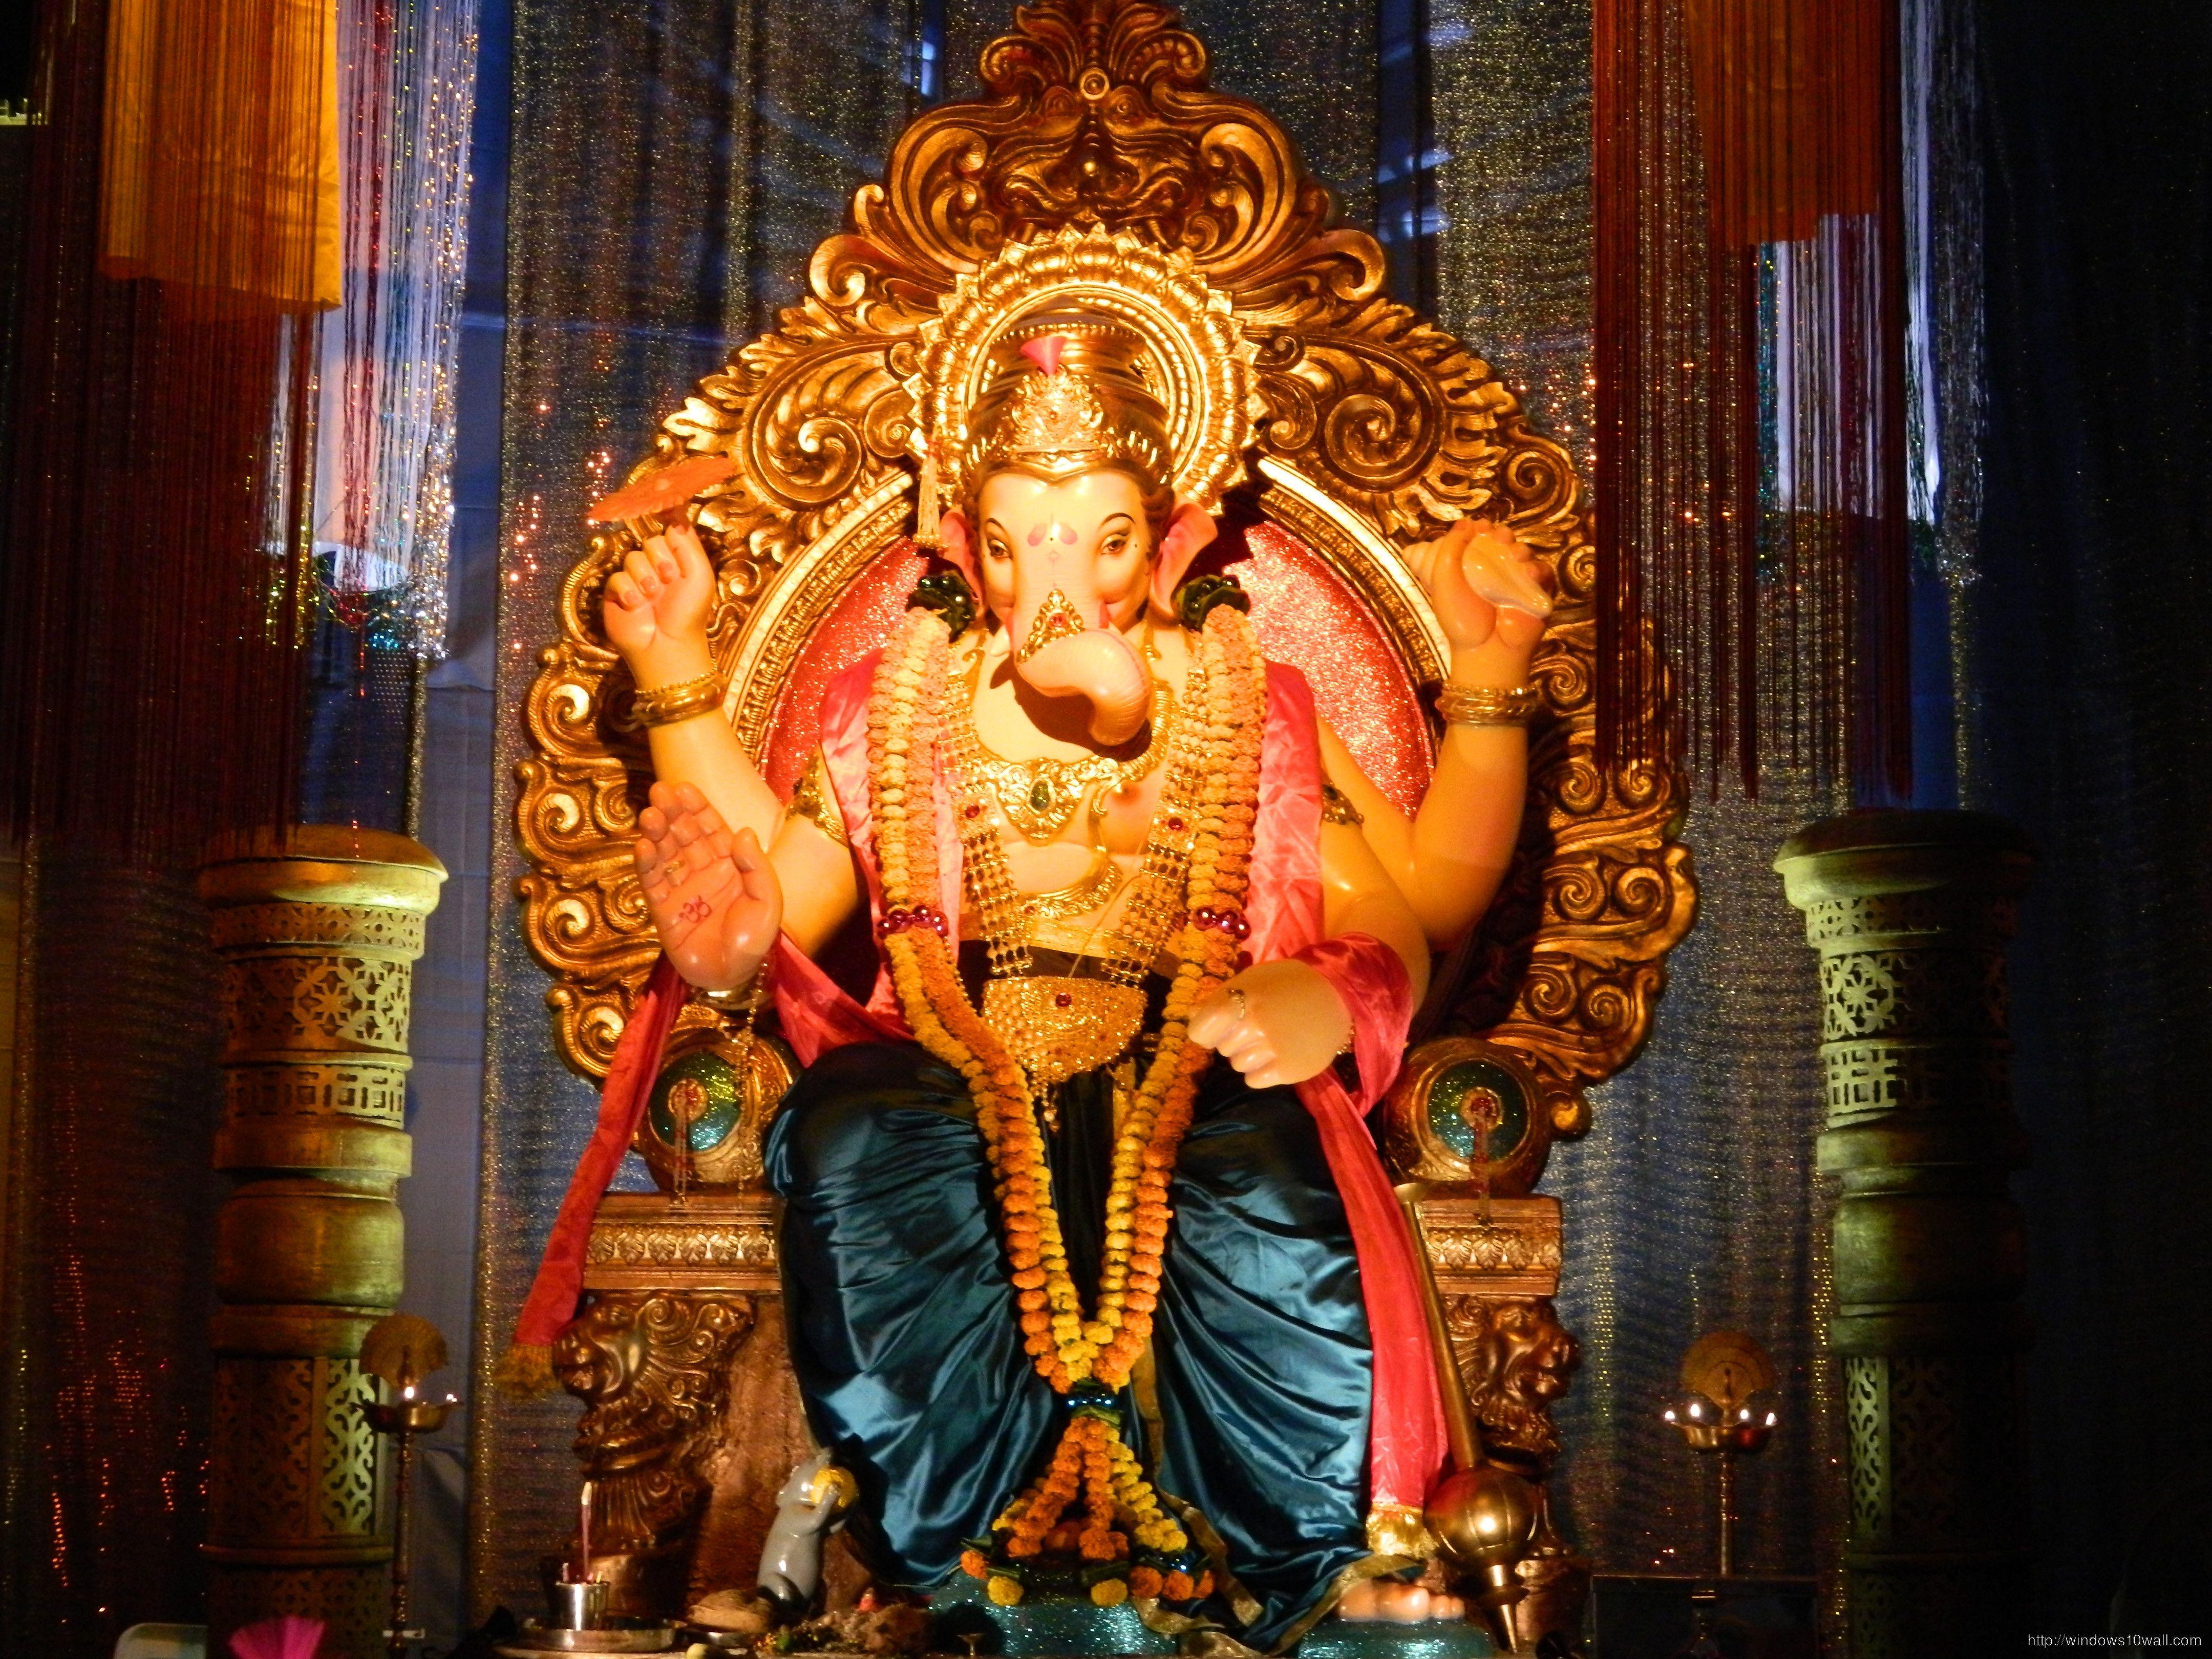 4320x3240 Hình nền Chúa tể Ganesha hàng đầu Bộ sưu tập hình ảnh mới nhất